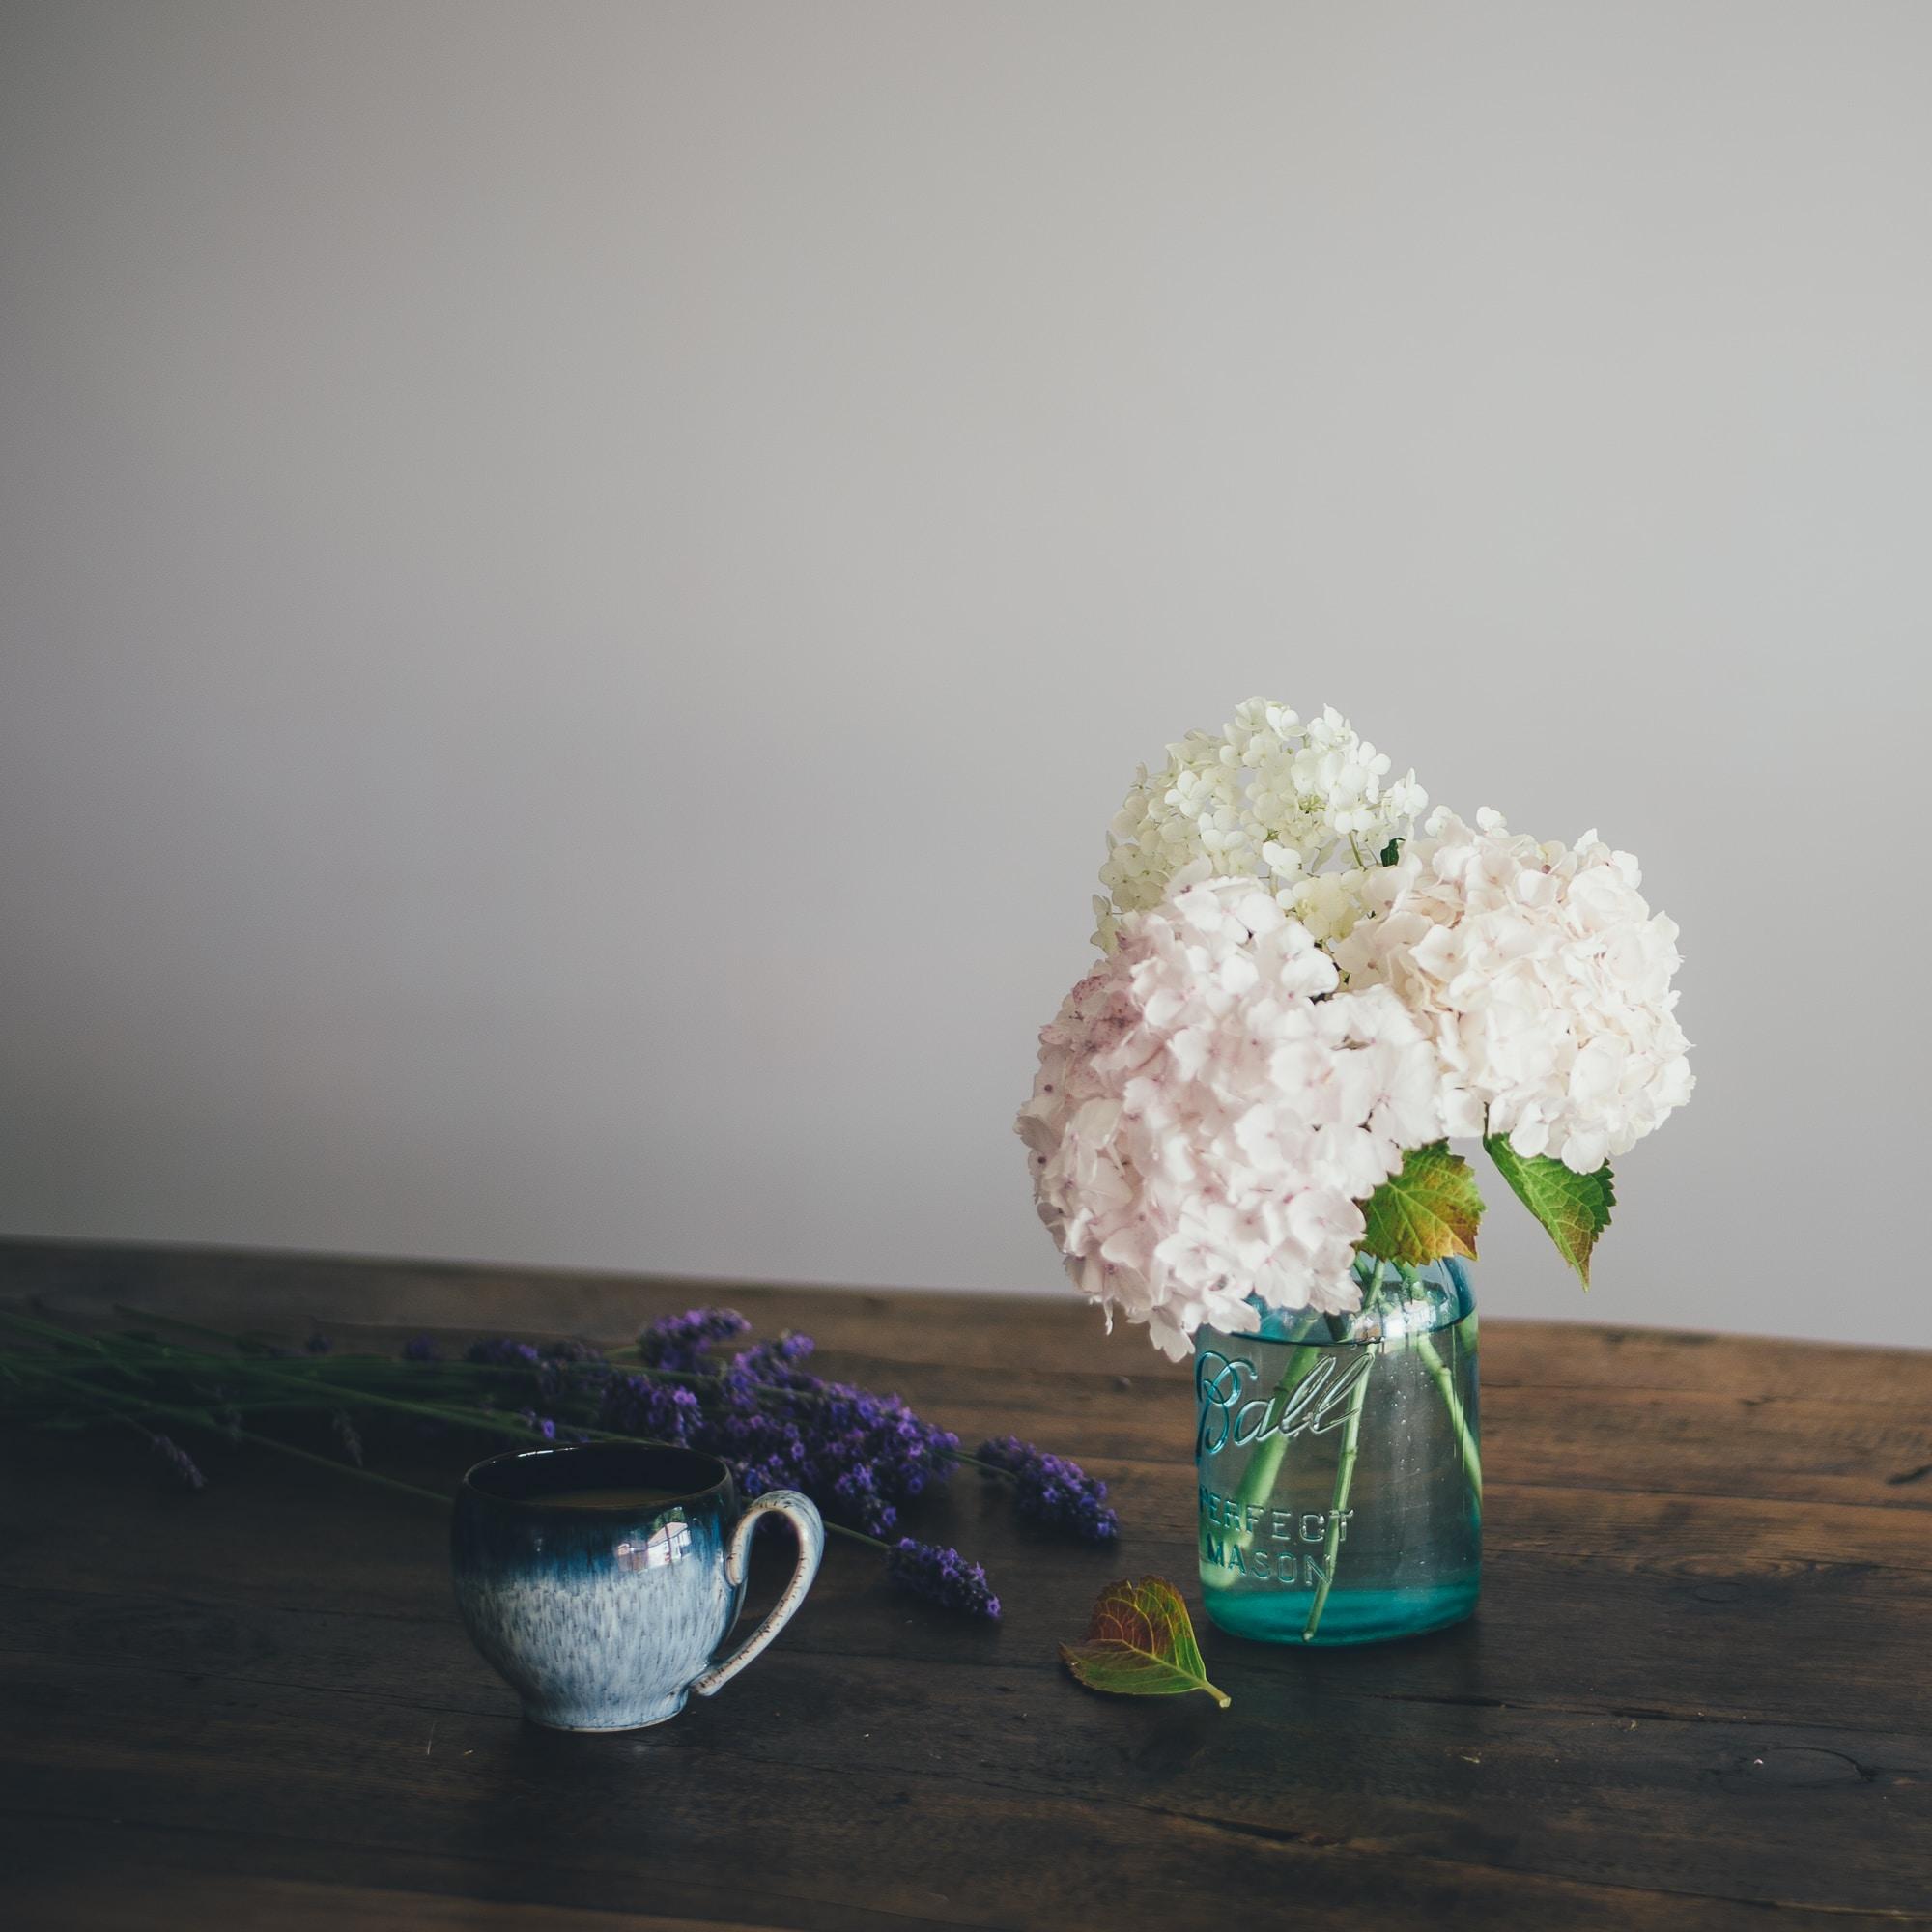 white flowers on green glass vase